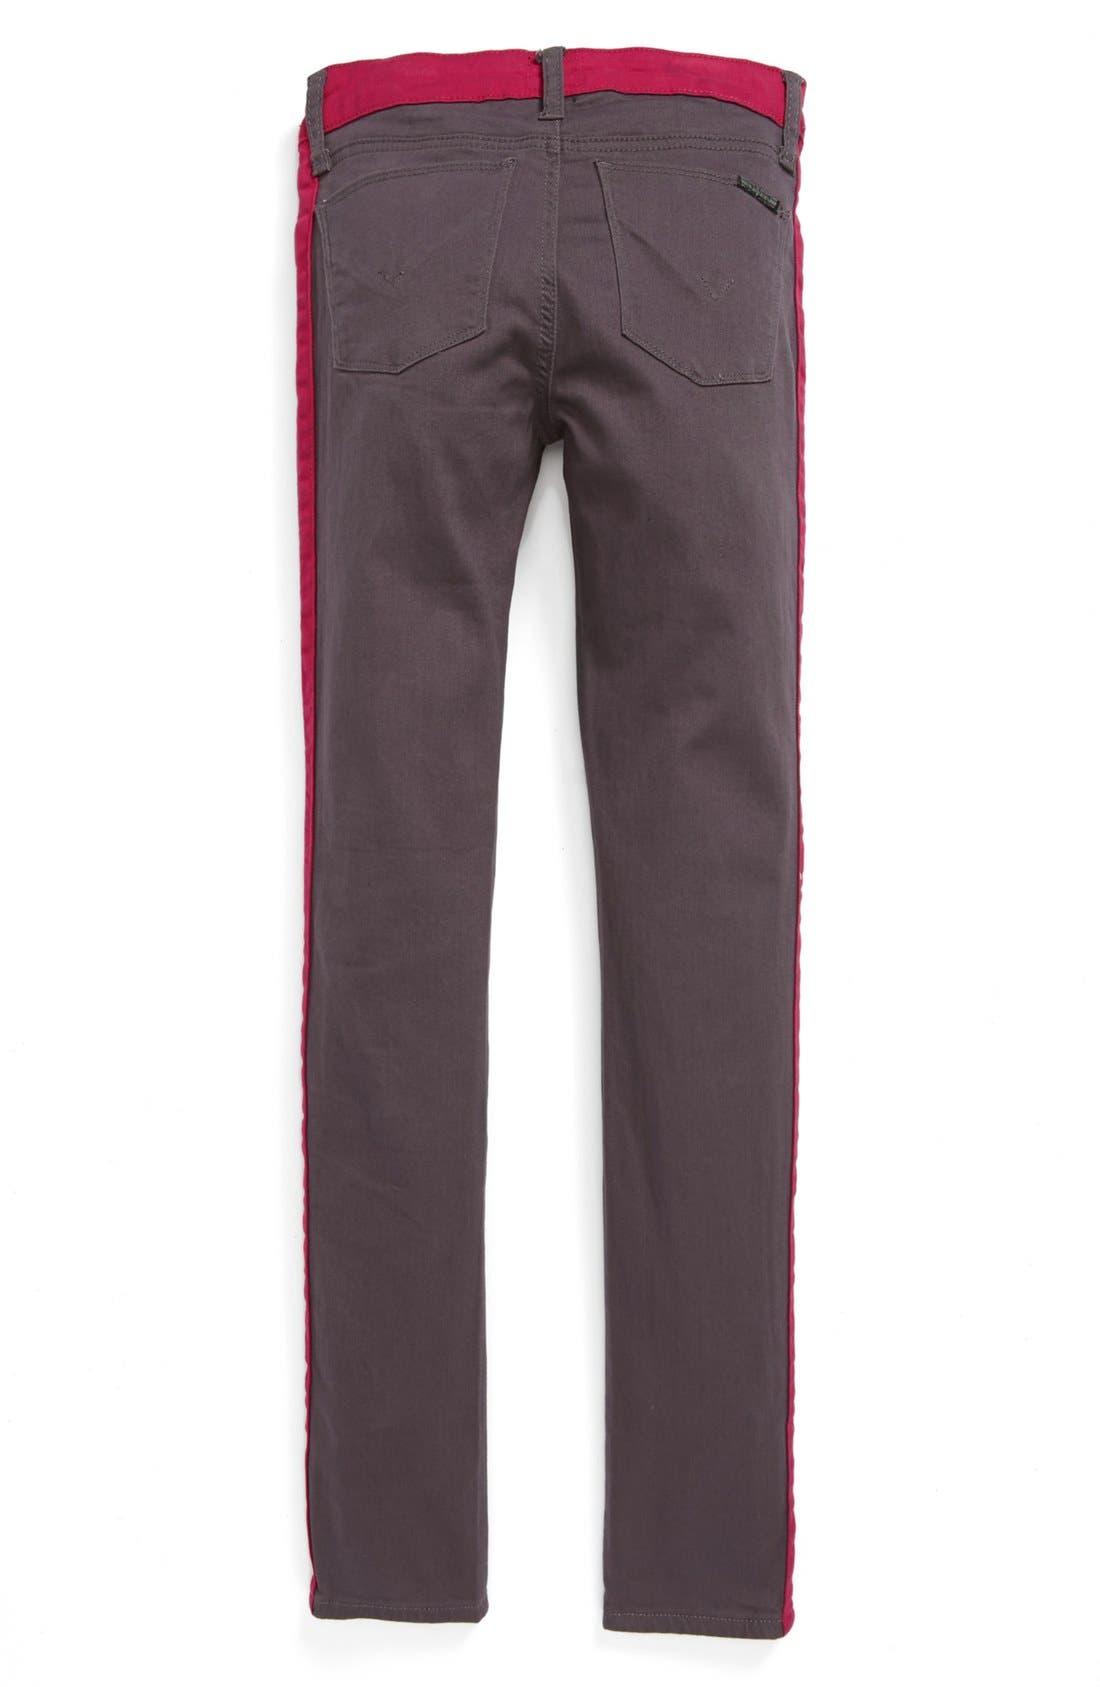 Alternate Image 1 Selected - Hudson Kids 'Cabbage Floral Leeloo' Skinny Jeans (Big Girls)